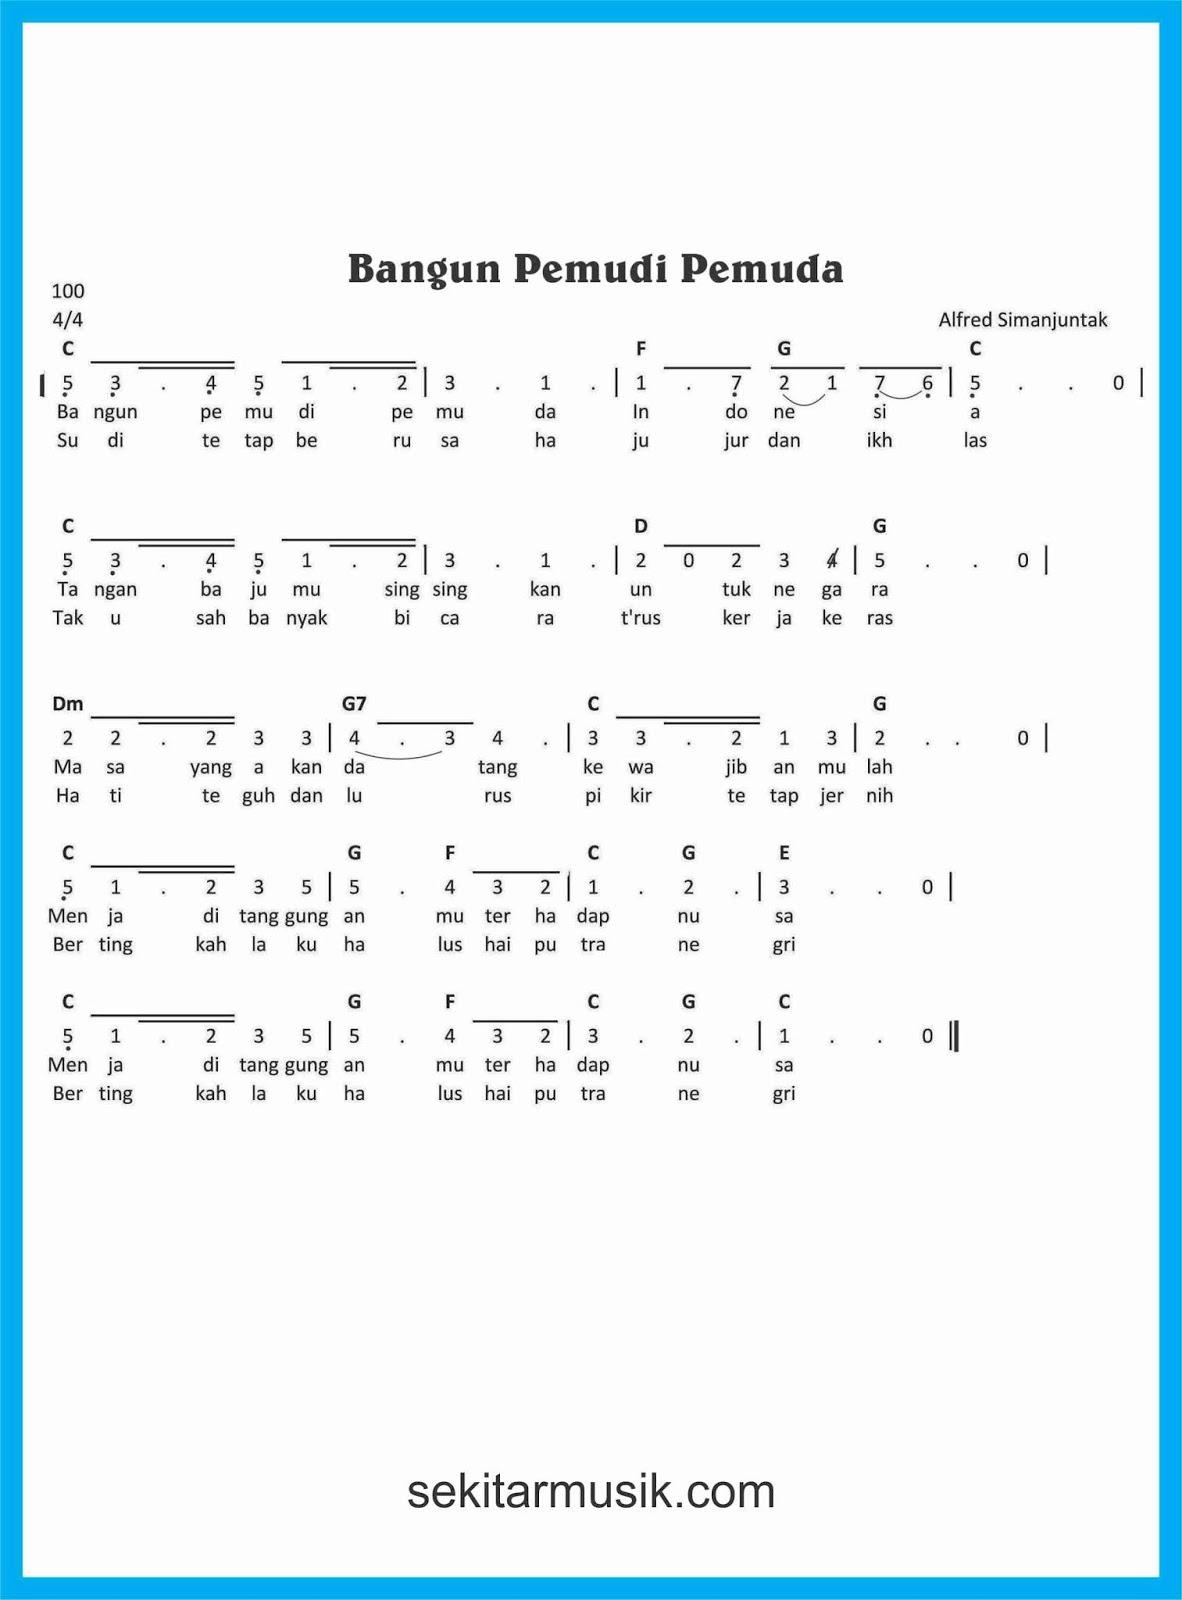 Lirik Lagu Bagun Pemuda Pemudi Sedang